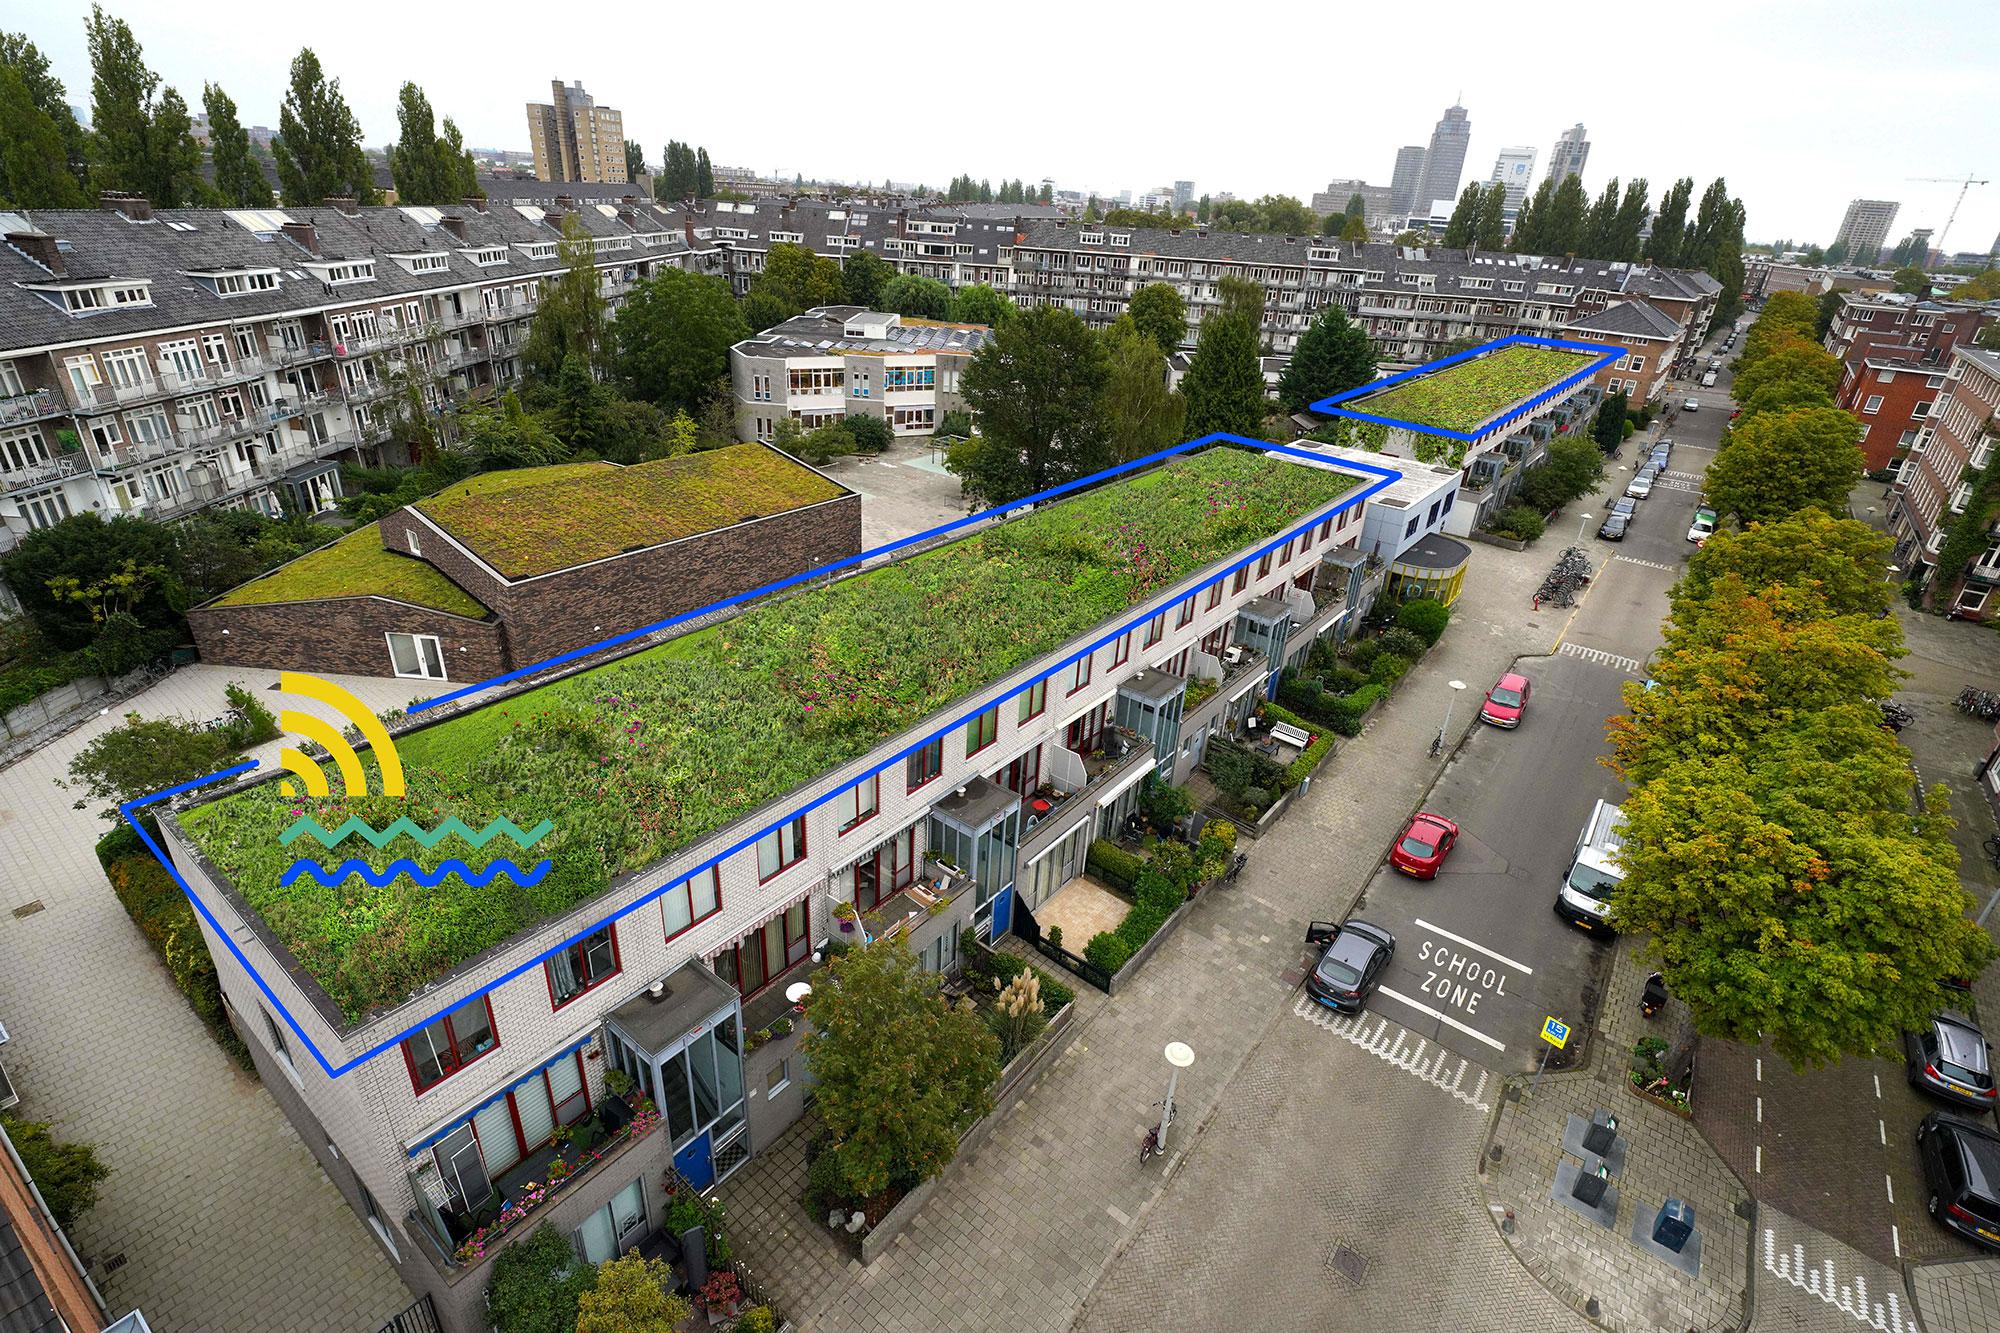 RESILIO - Blauw groene daken - Rivierenbuurt